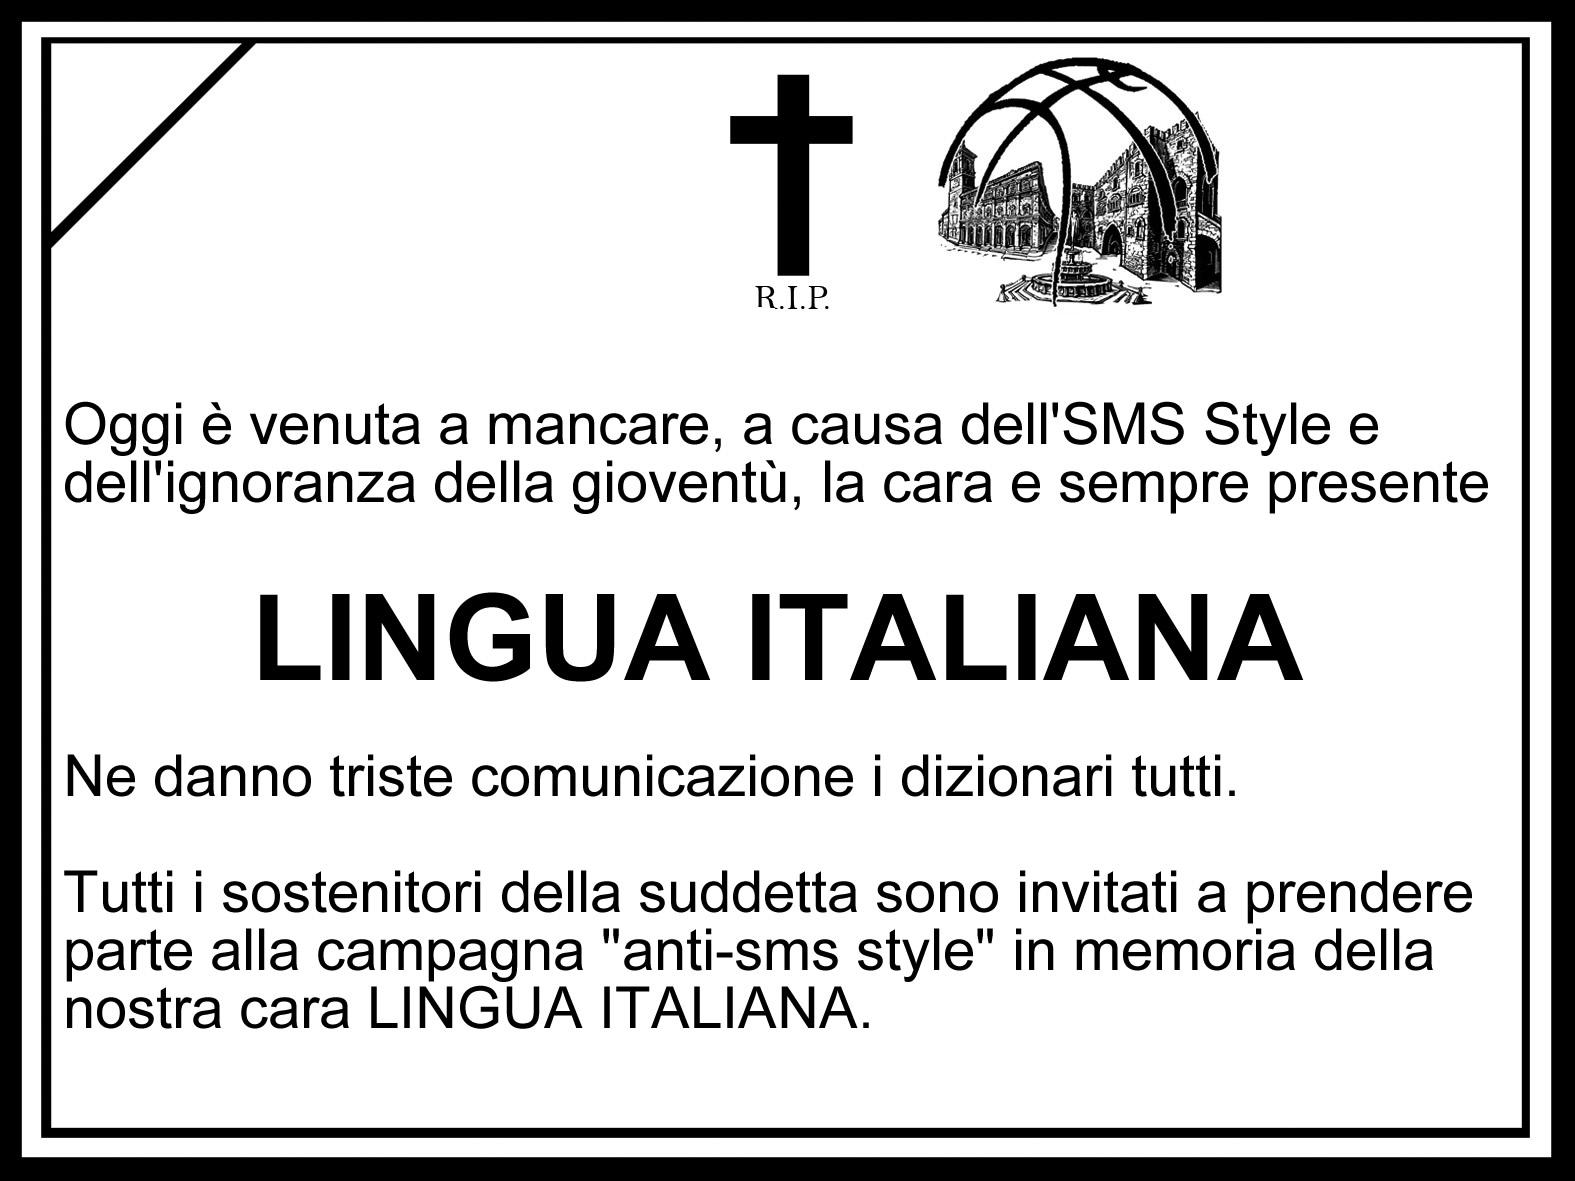 rip lingua italiana - La lingua italiana.